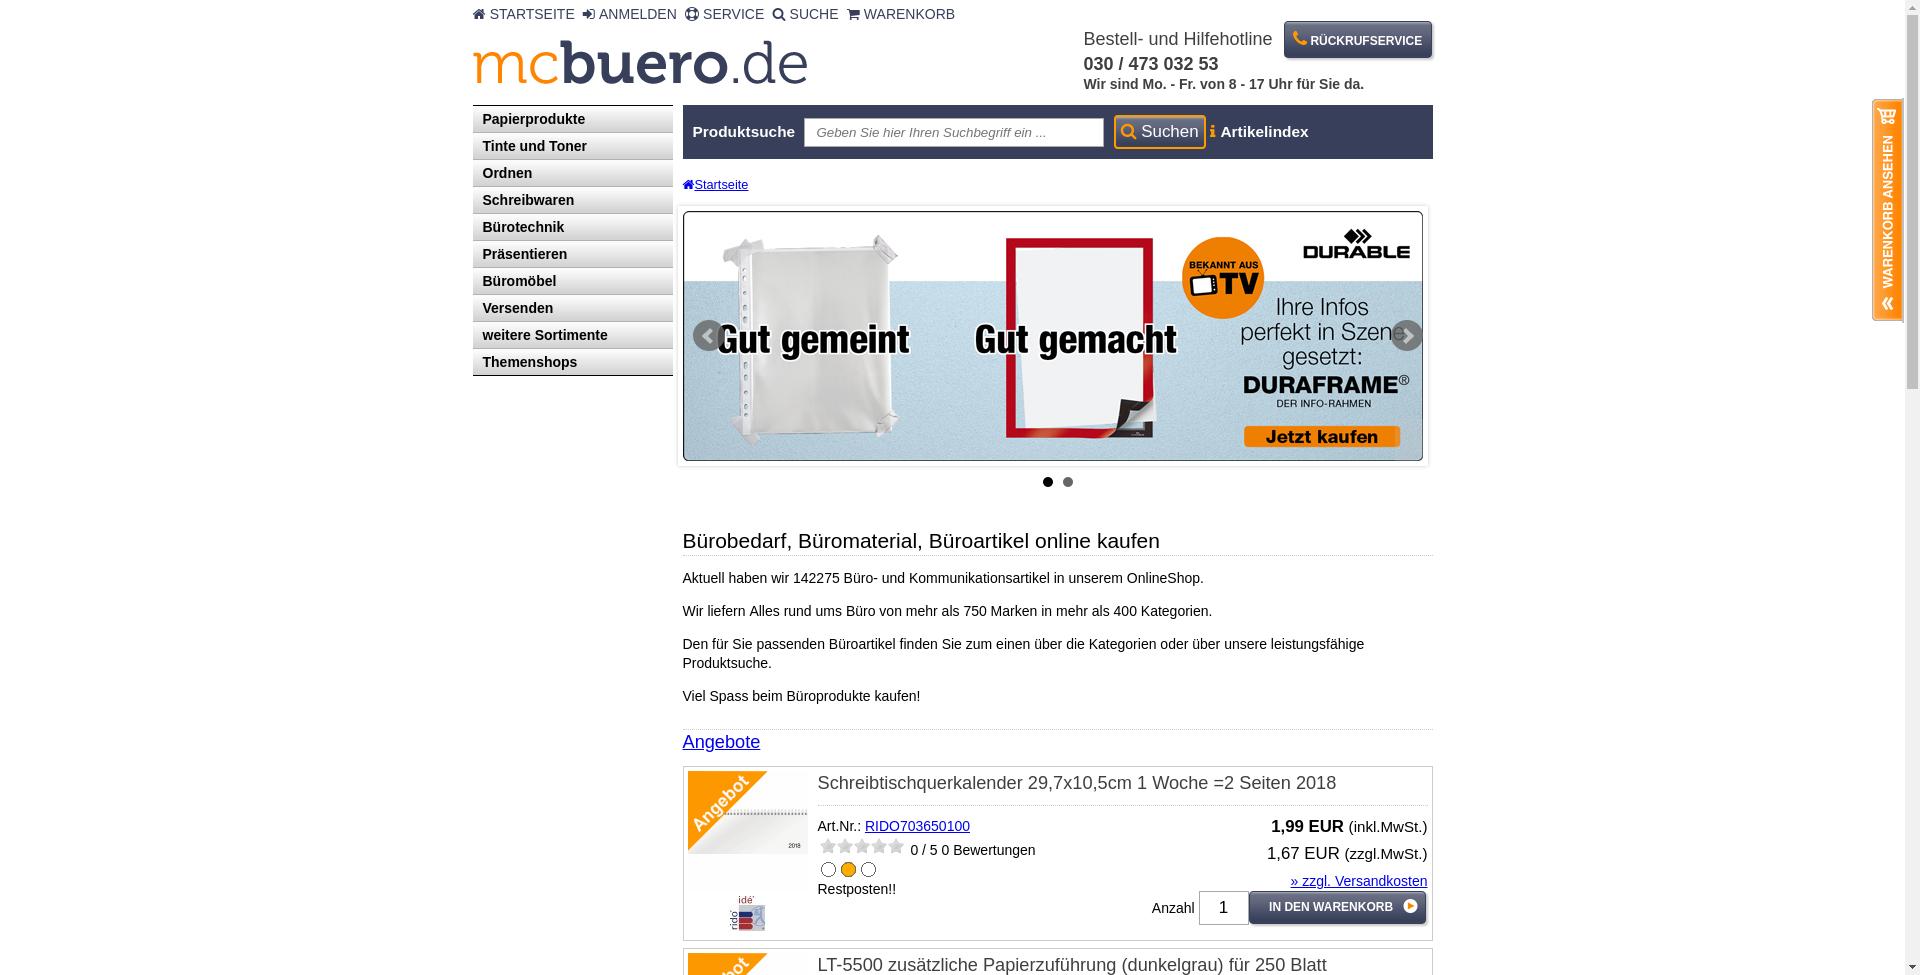 mcbuero.de